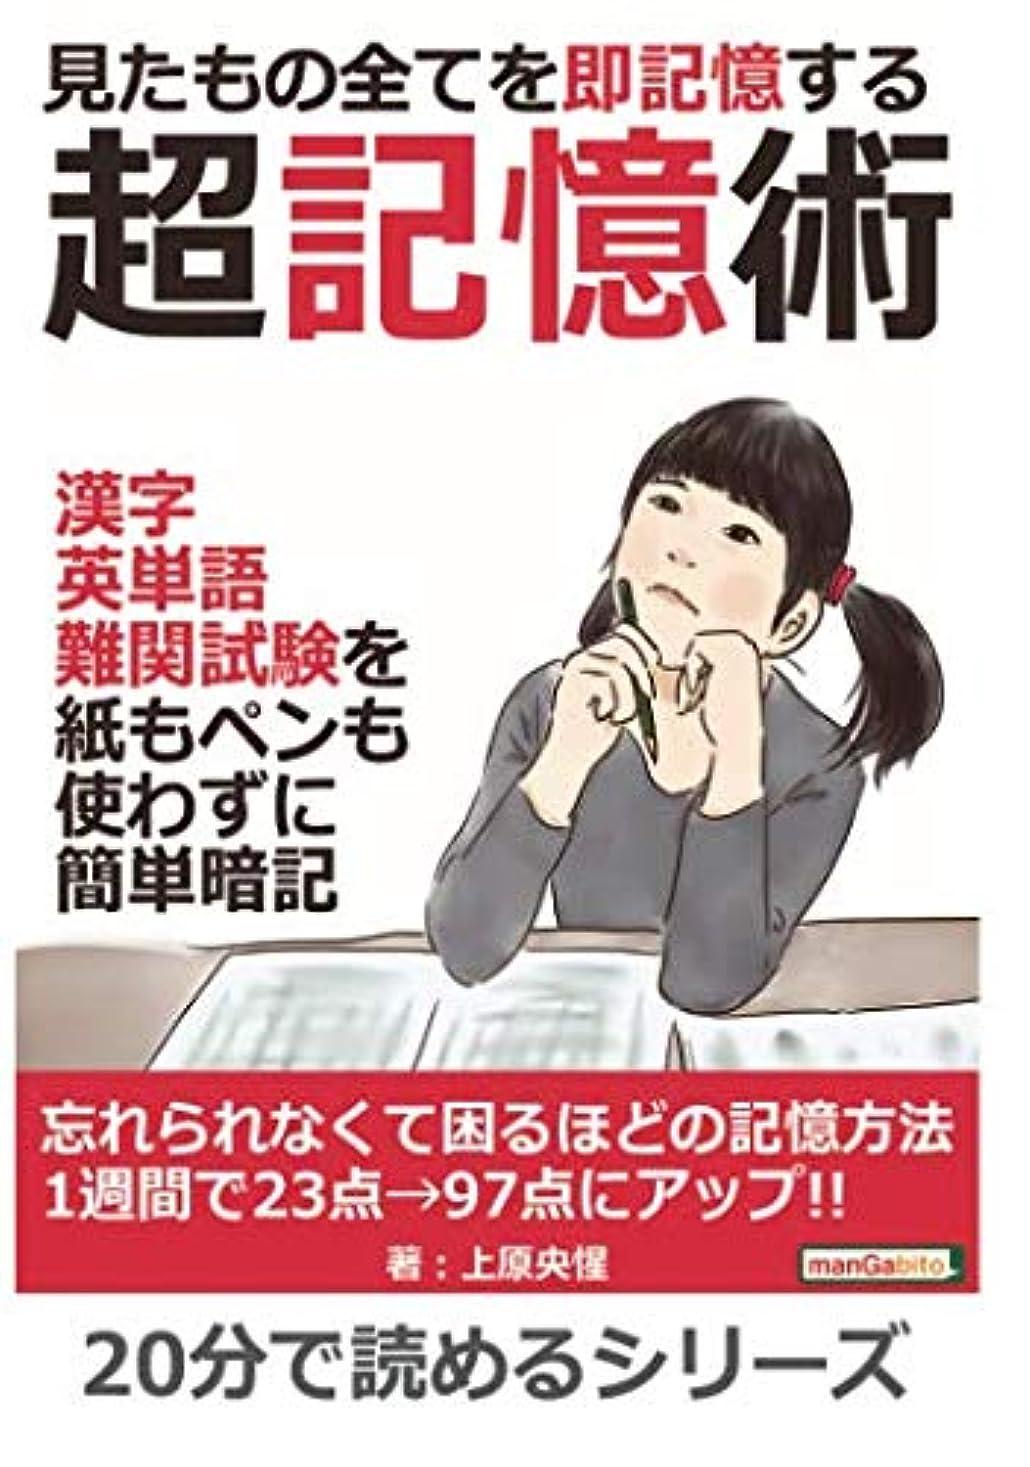 遺伝子海嶺興奮見たもの全てを即記憶する超記憶術。漢字、英単語、難関試験を紙もペンも使わずに簡単暗記。 (20分で読めるシリーズ)